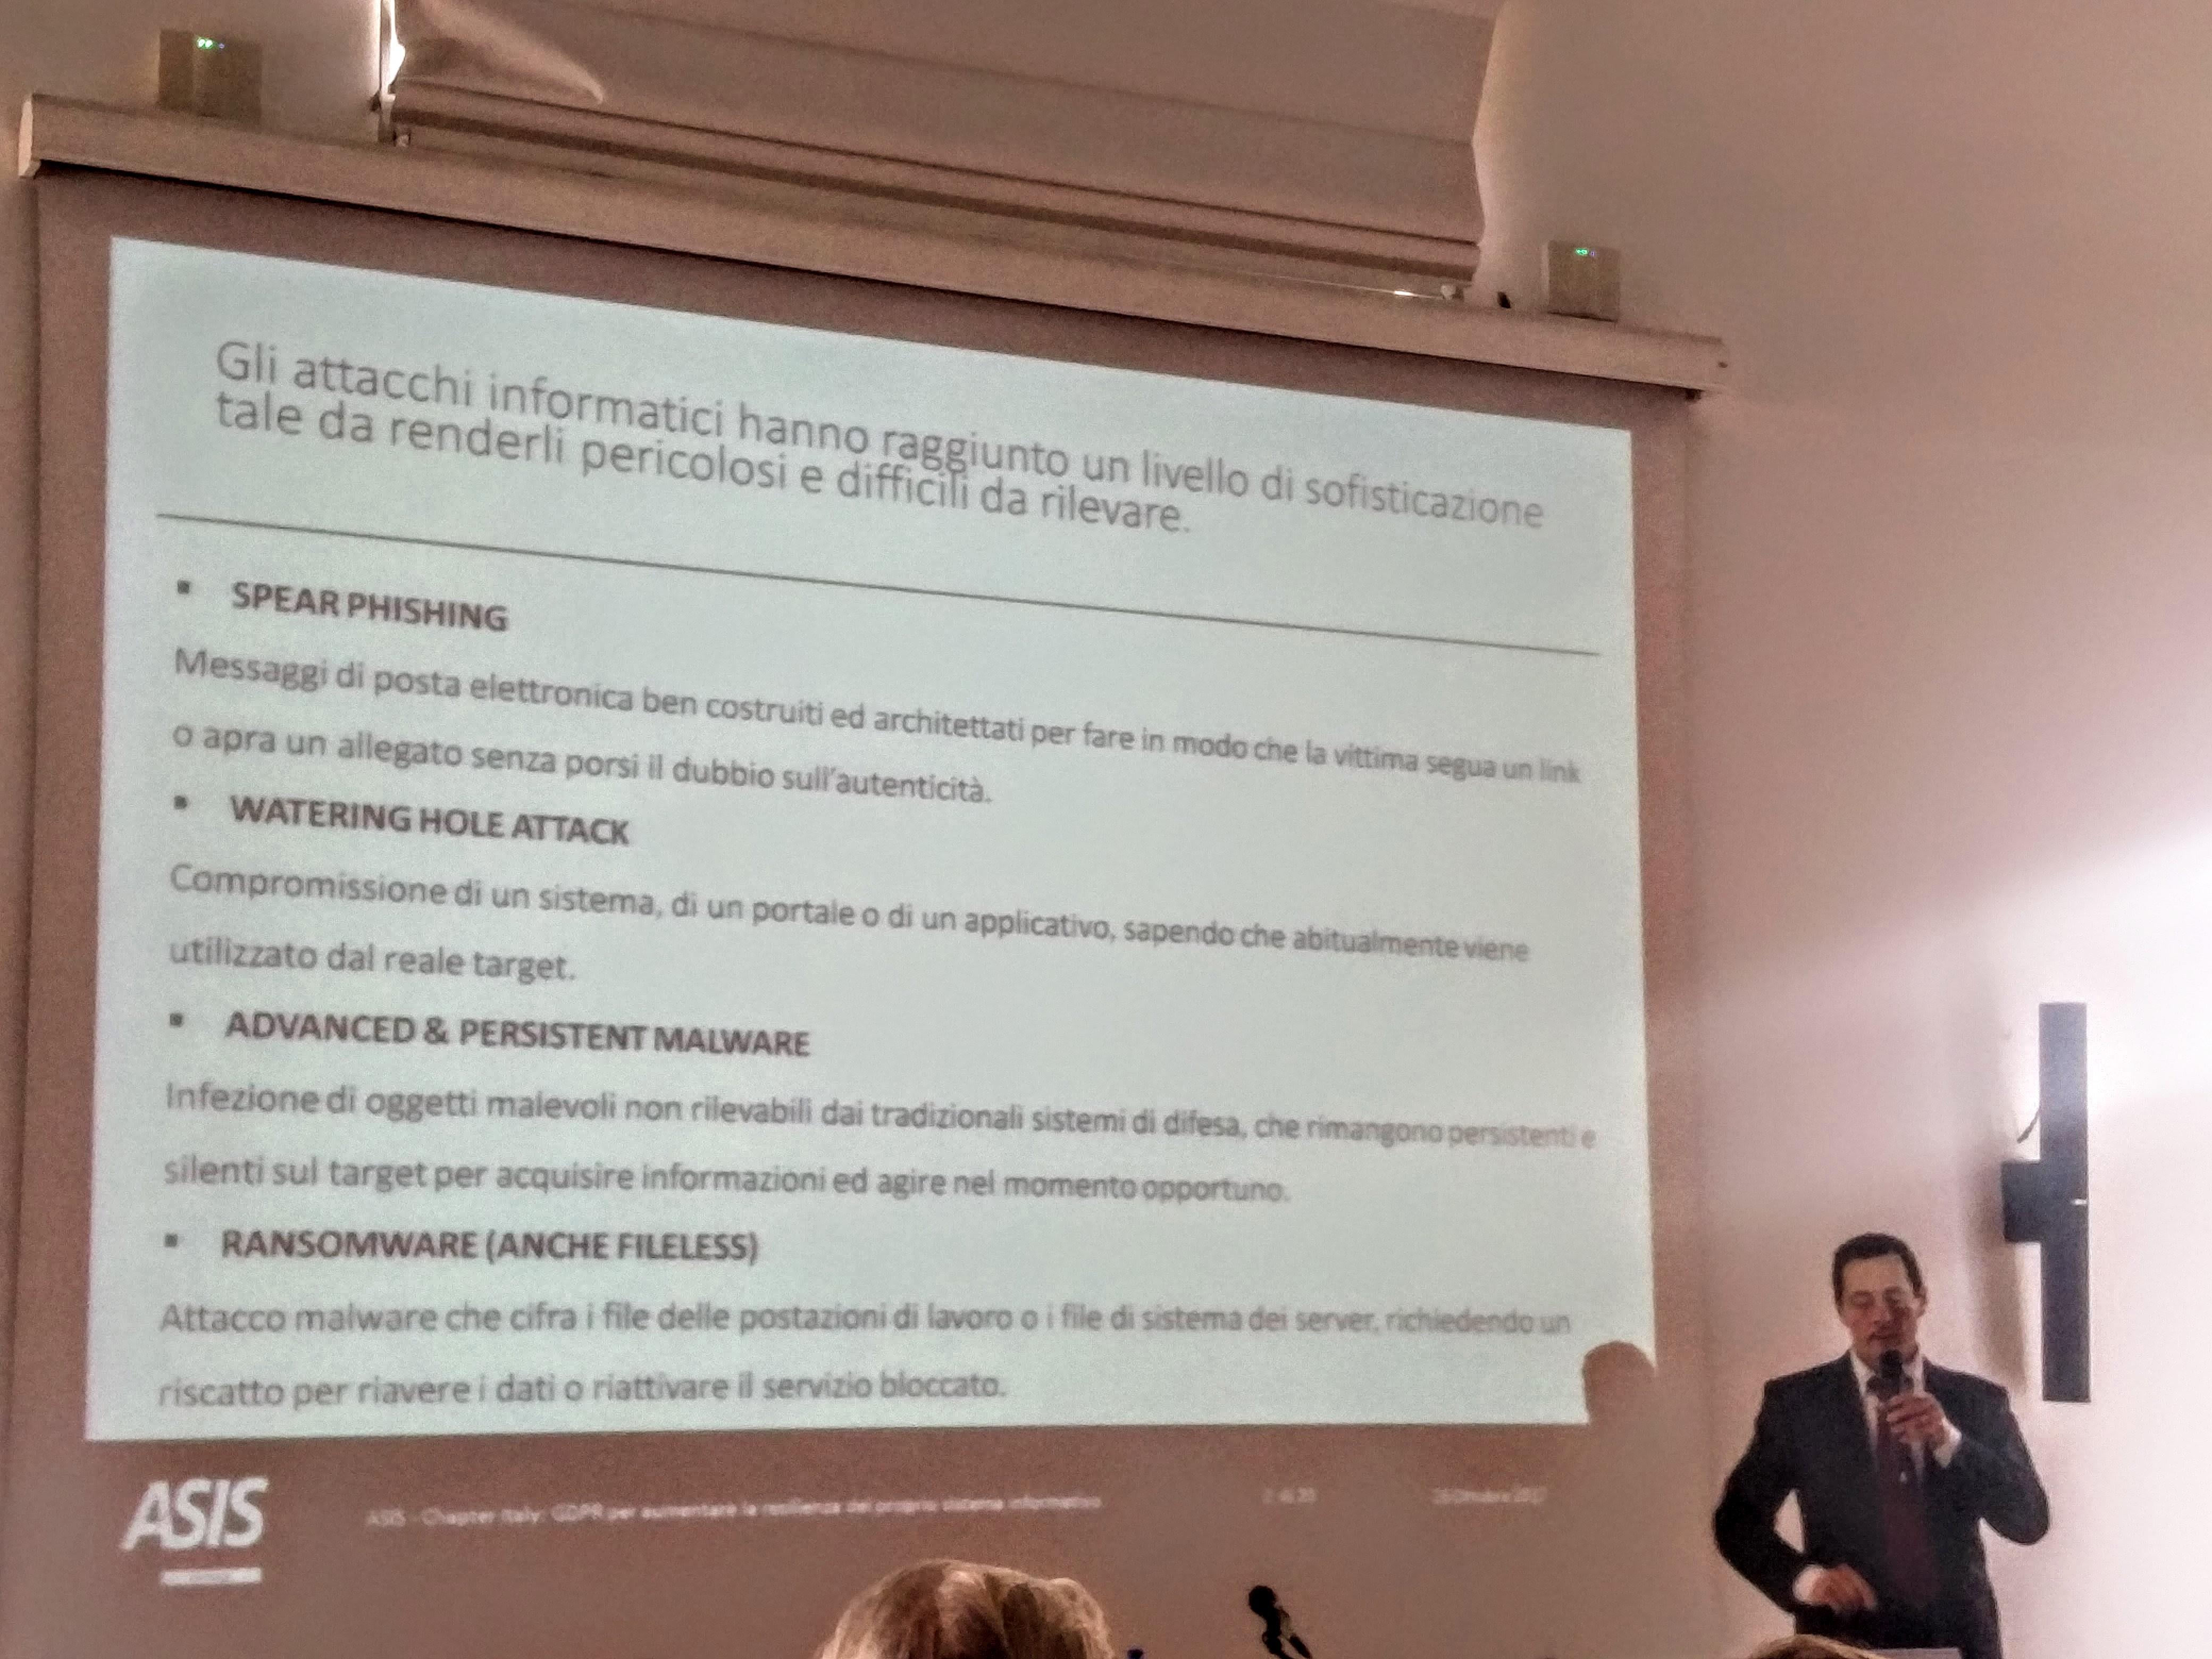 Gianluca Varduccio GDPR Nuovo Regolamento Europeo: come cambia l'approccio sistemico